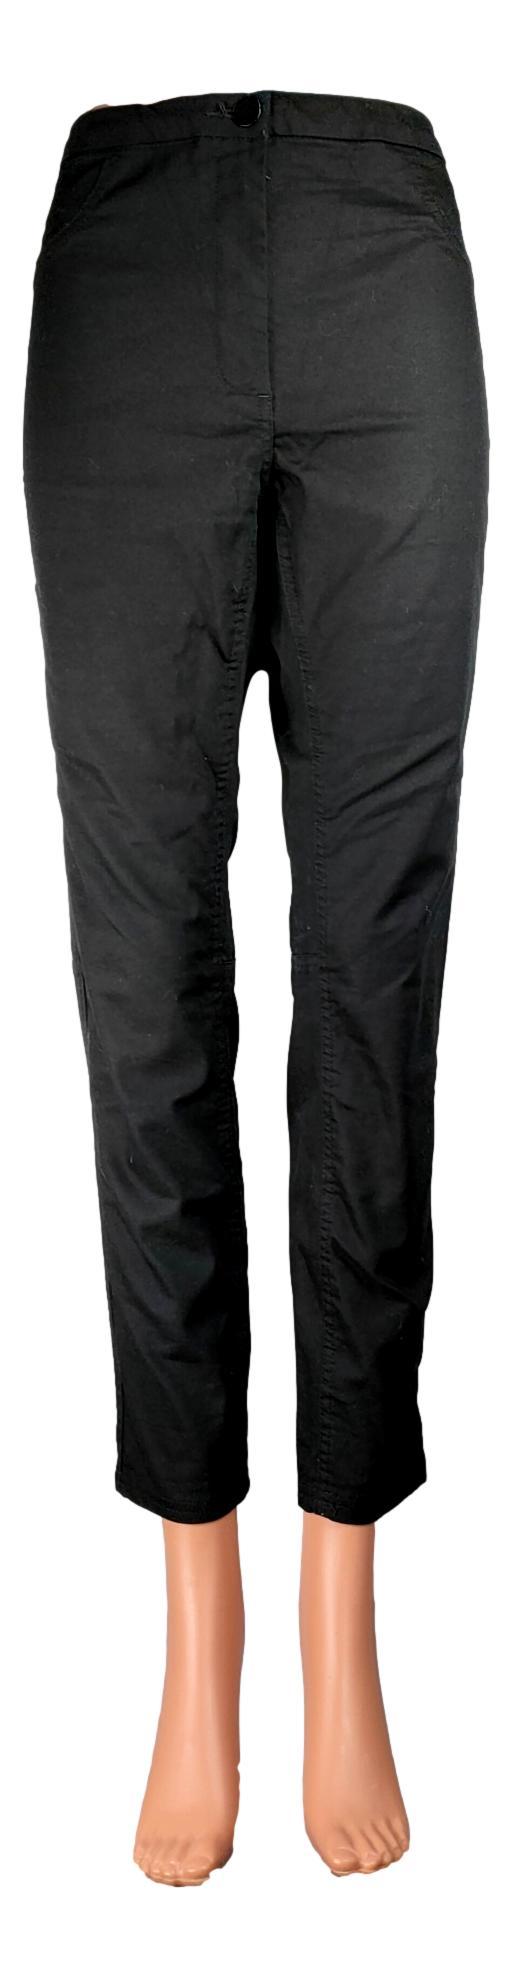 Pantalon Lefties - Taille 42